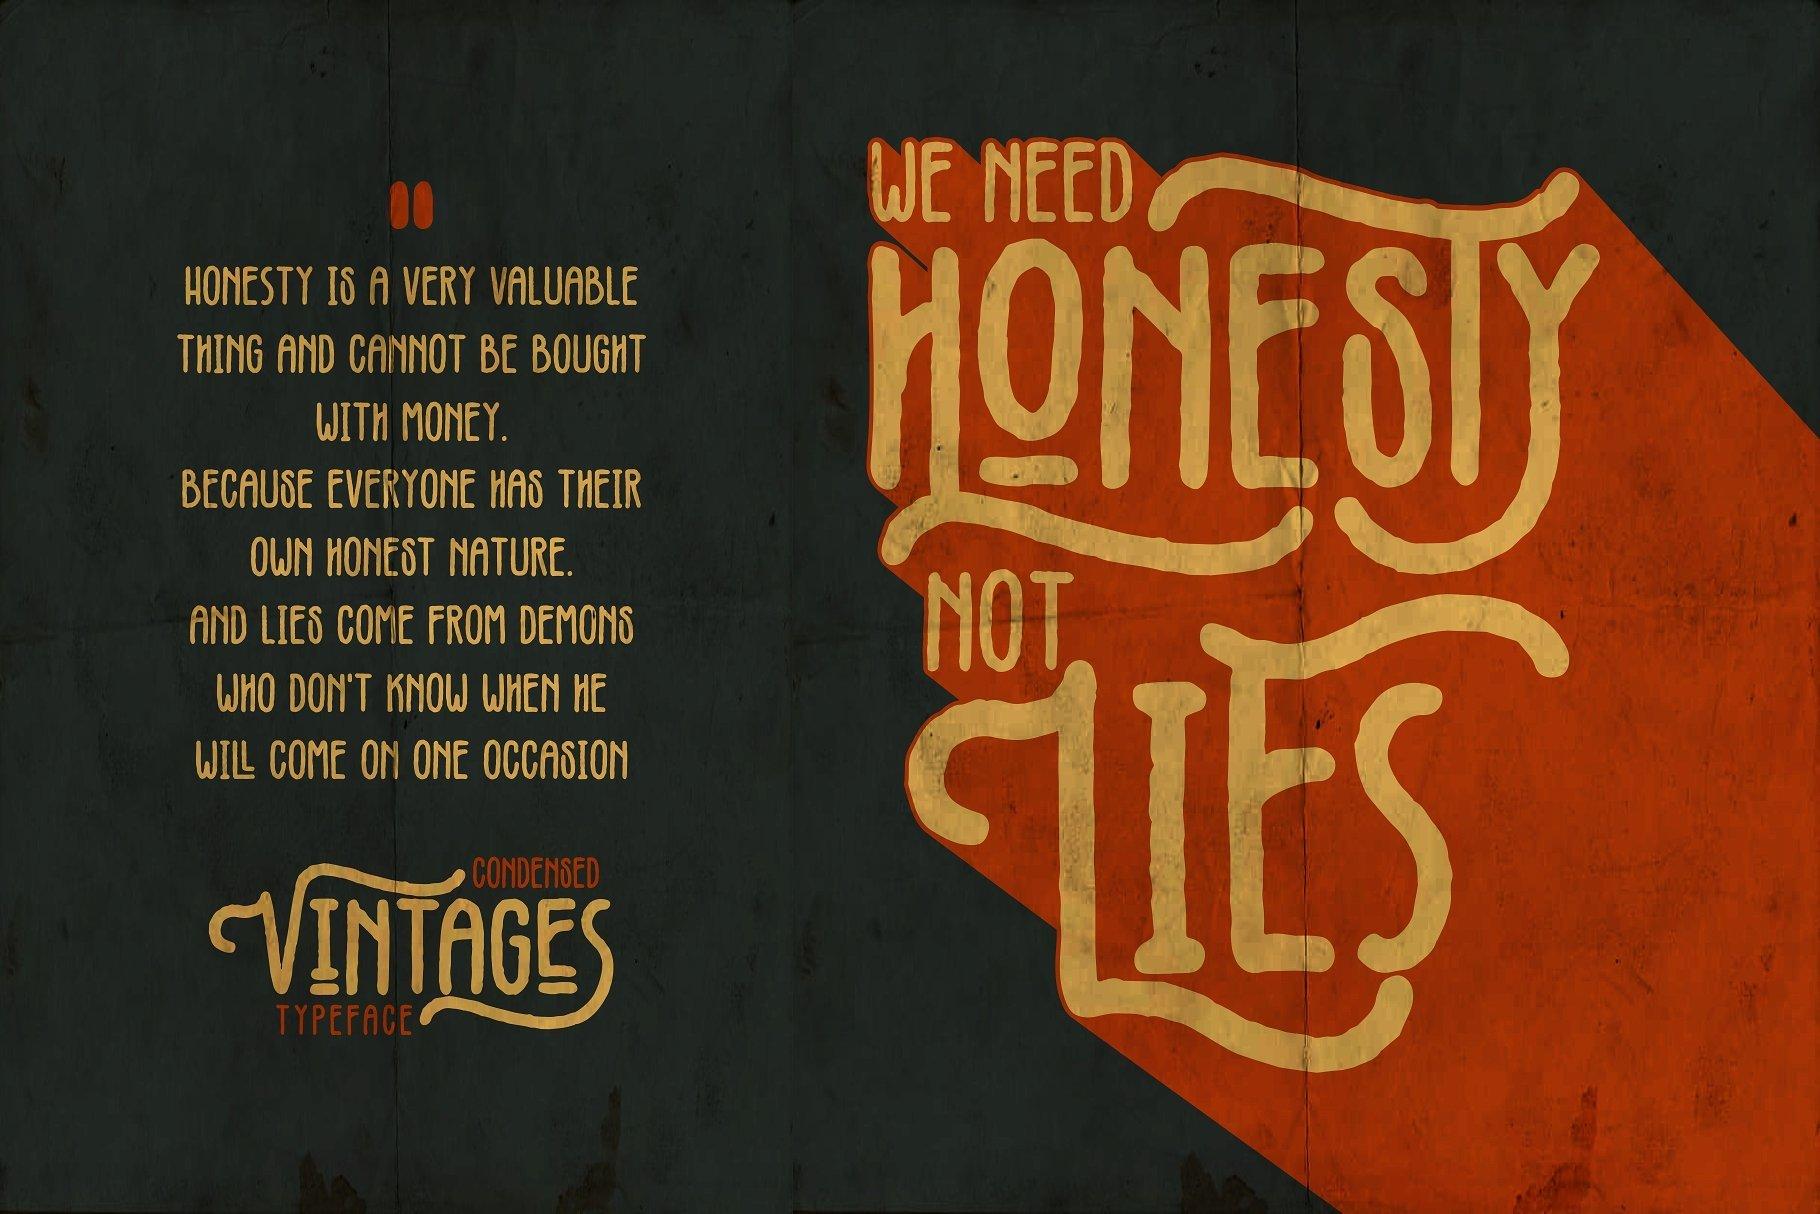 vintages-typeface-1